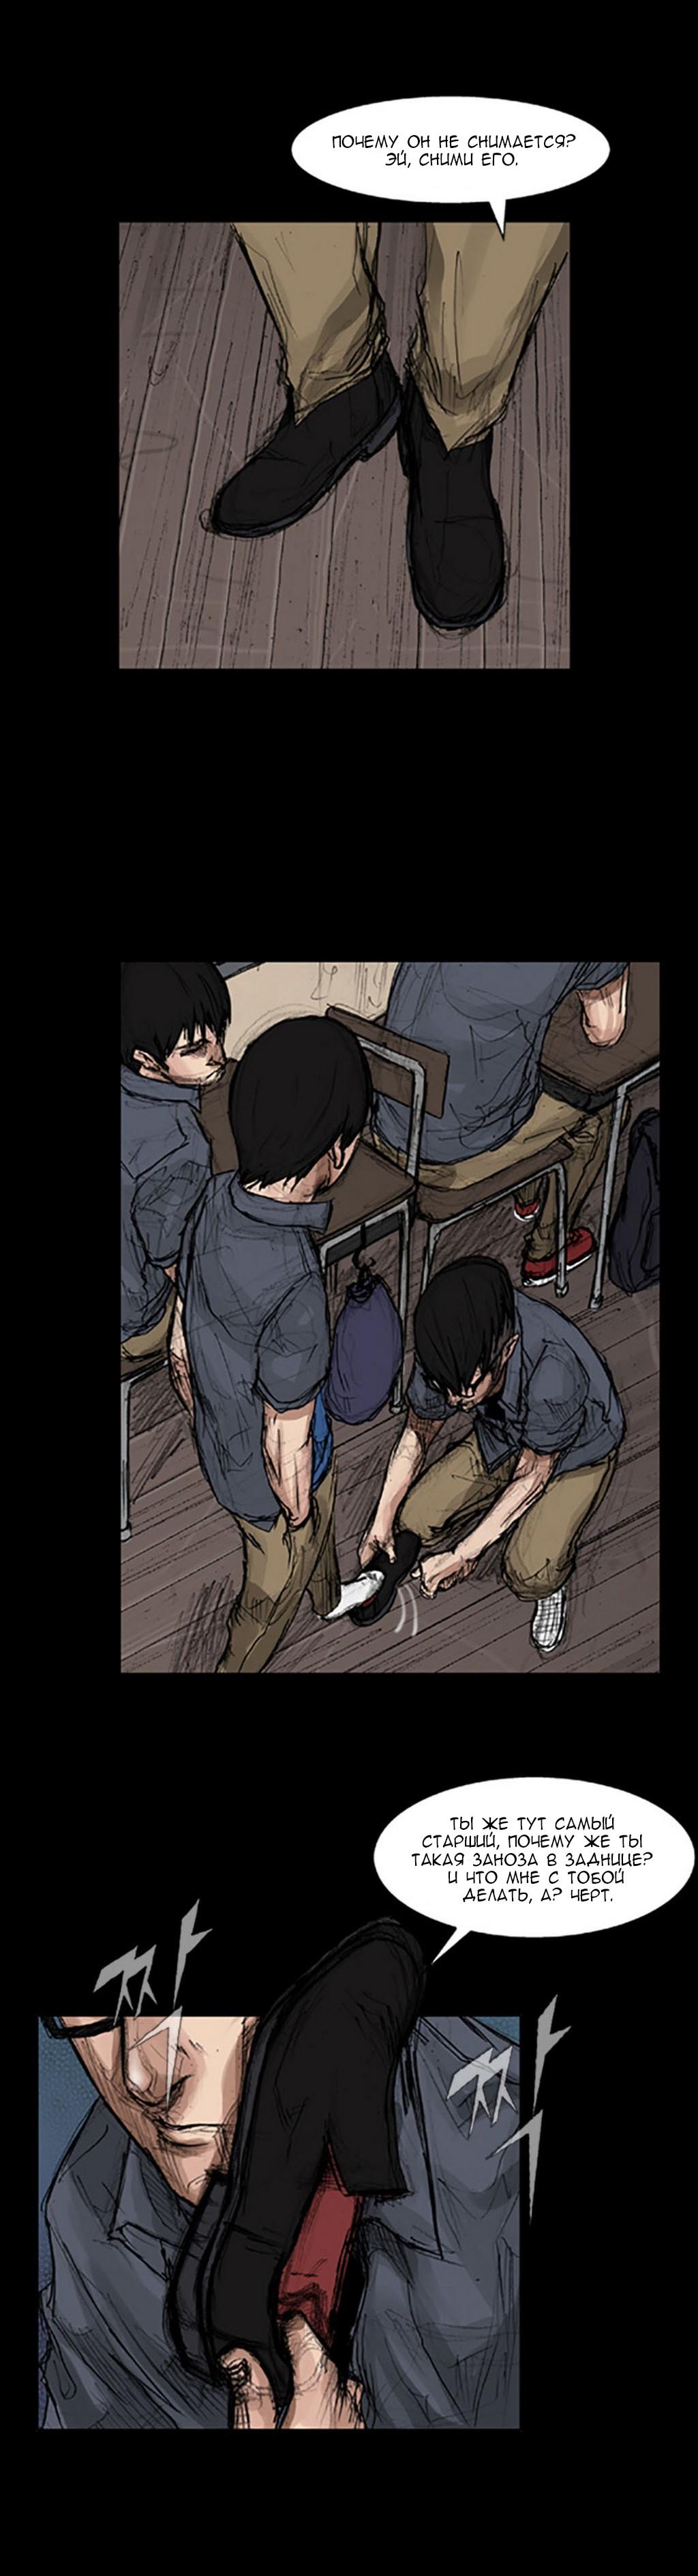 Манга Токко / Dokgo - Том 1 Глава 4 Страница 5